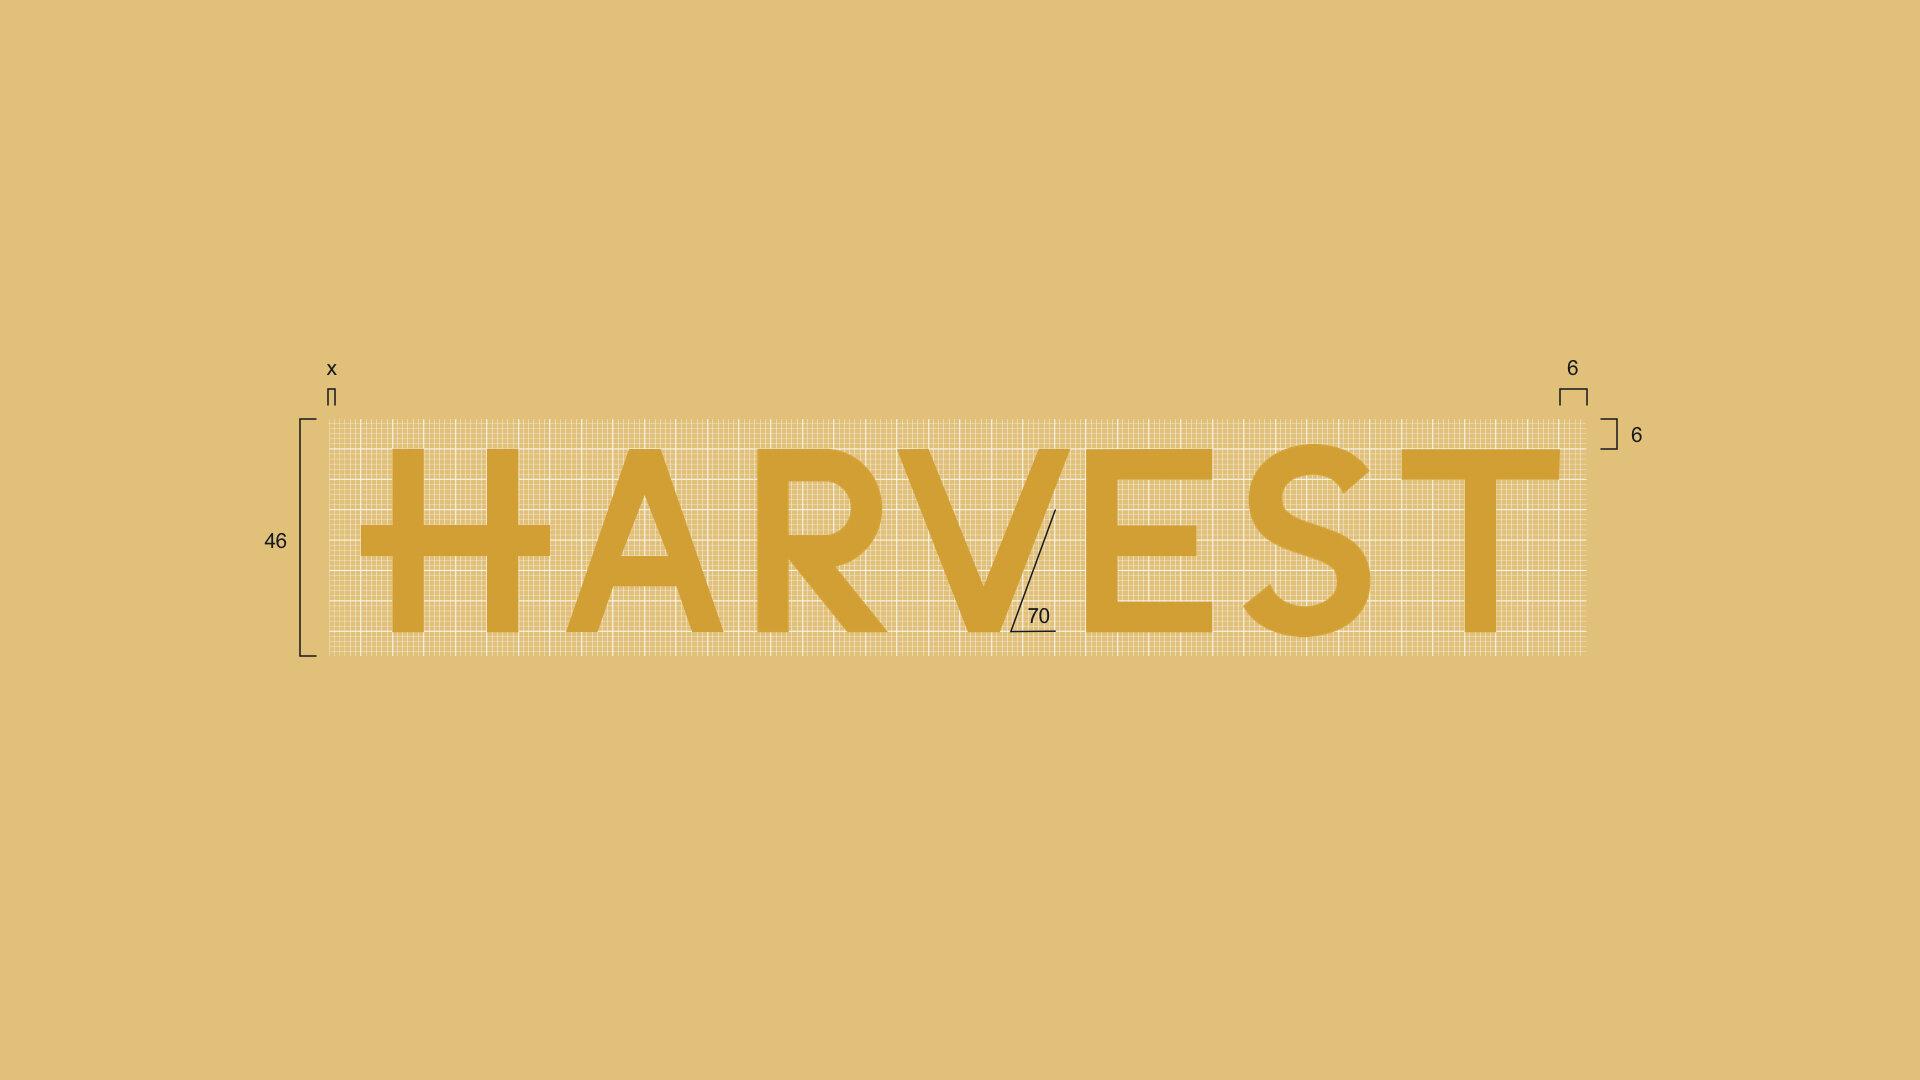 Narta_Dalladaku_Harvest_Logo.jpg